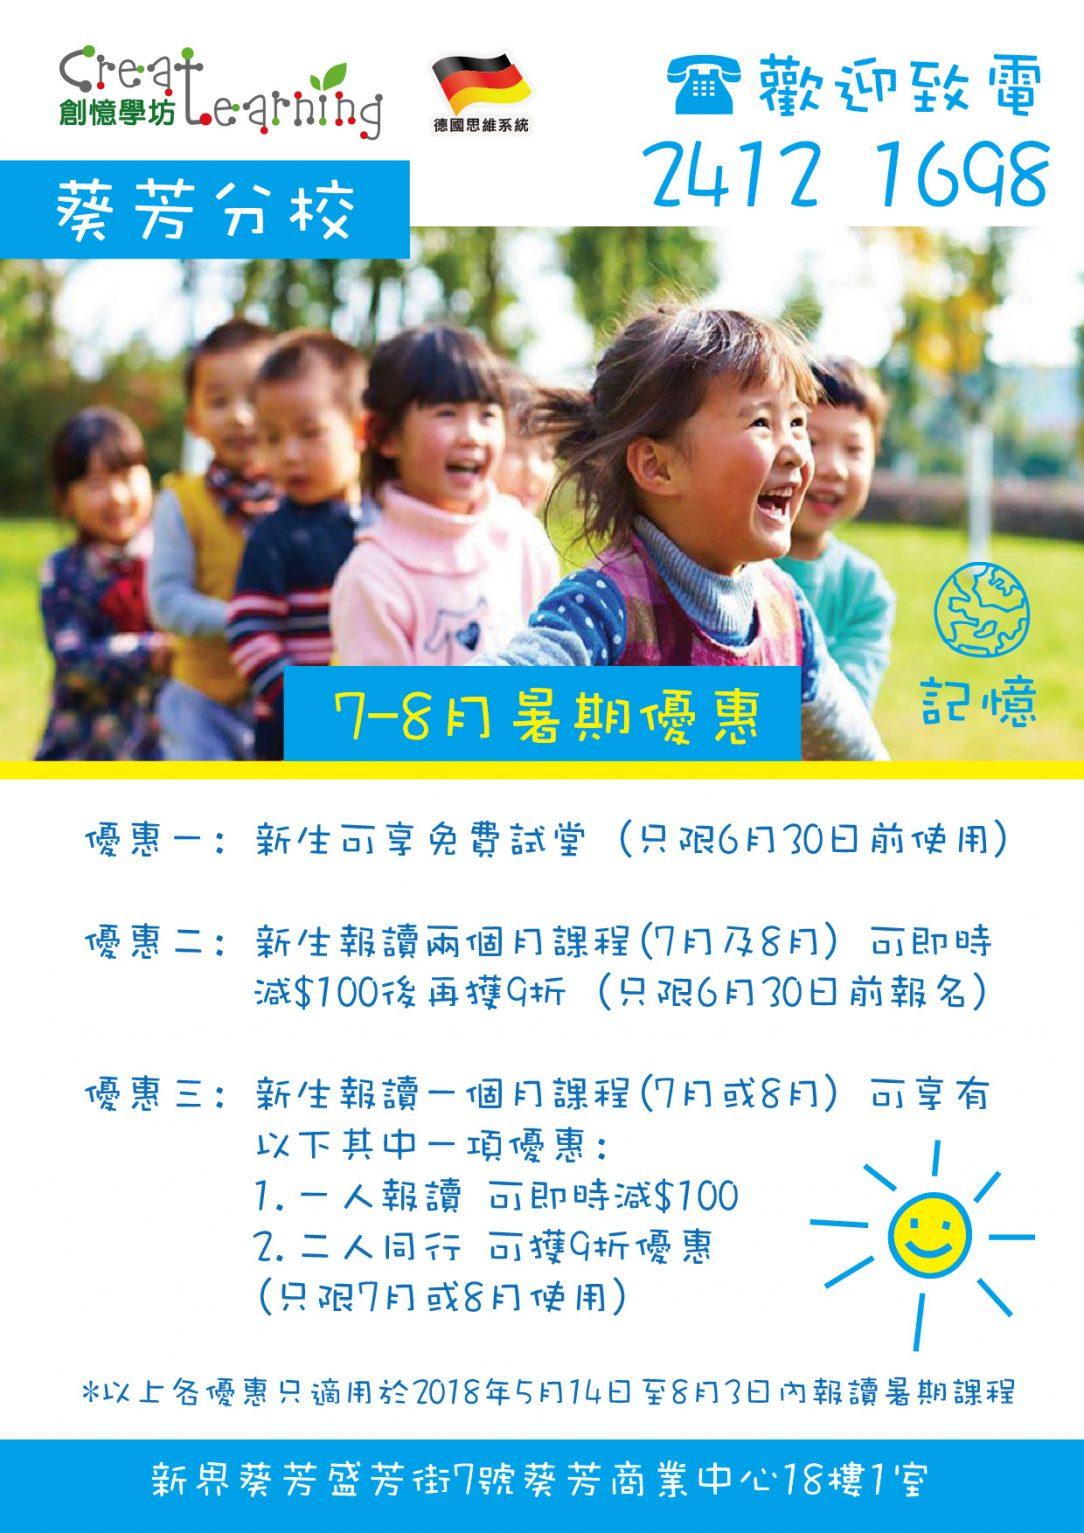 A4_KF_Summer_Leaflet_20180508-01